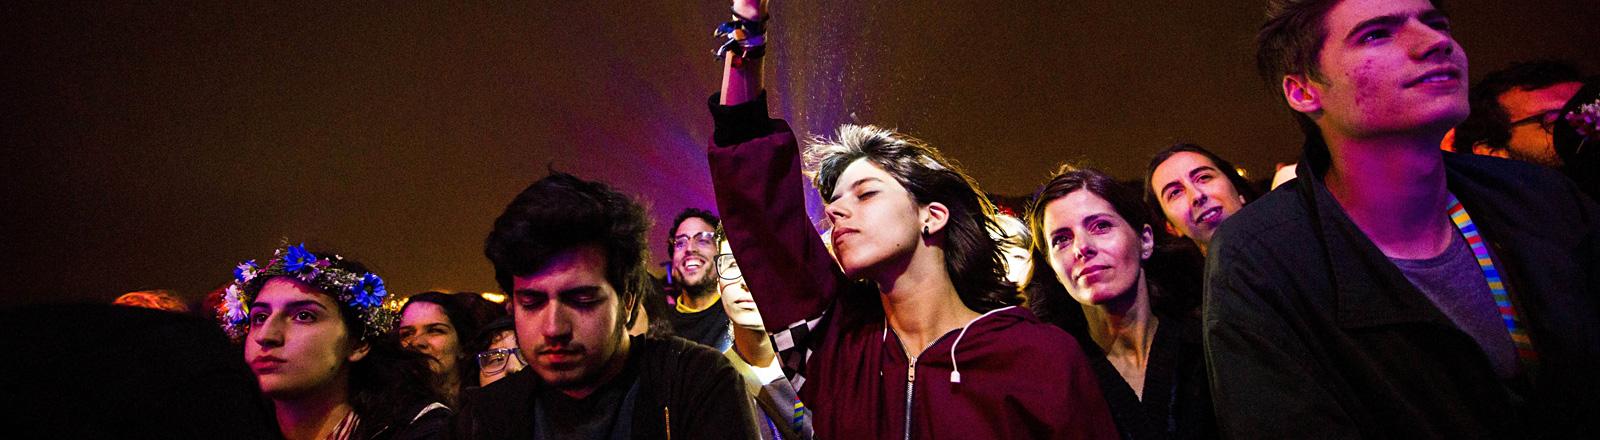 Auf dem Primavera Sound-Festival stehen Fans direkt vor der Bühne. Eine Frau reckt ihre rechte Hand in die Luft und hat die Augen geschlossen (6. Juni 2016).